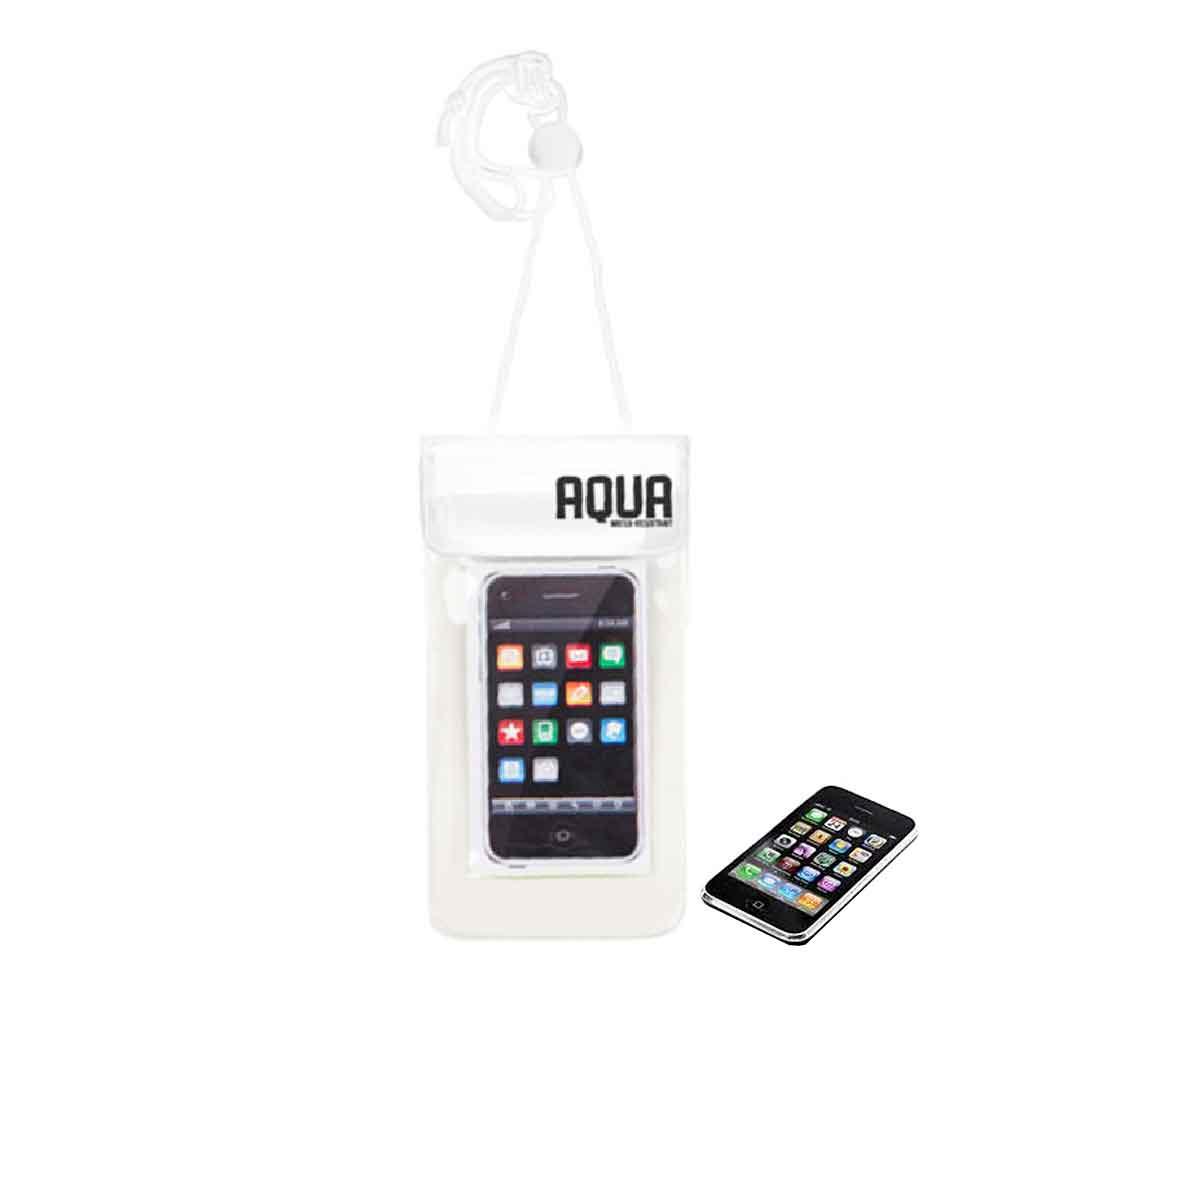 pochette imperméable pour téléphone portable en plastique translucide et cordon blanc